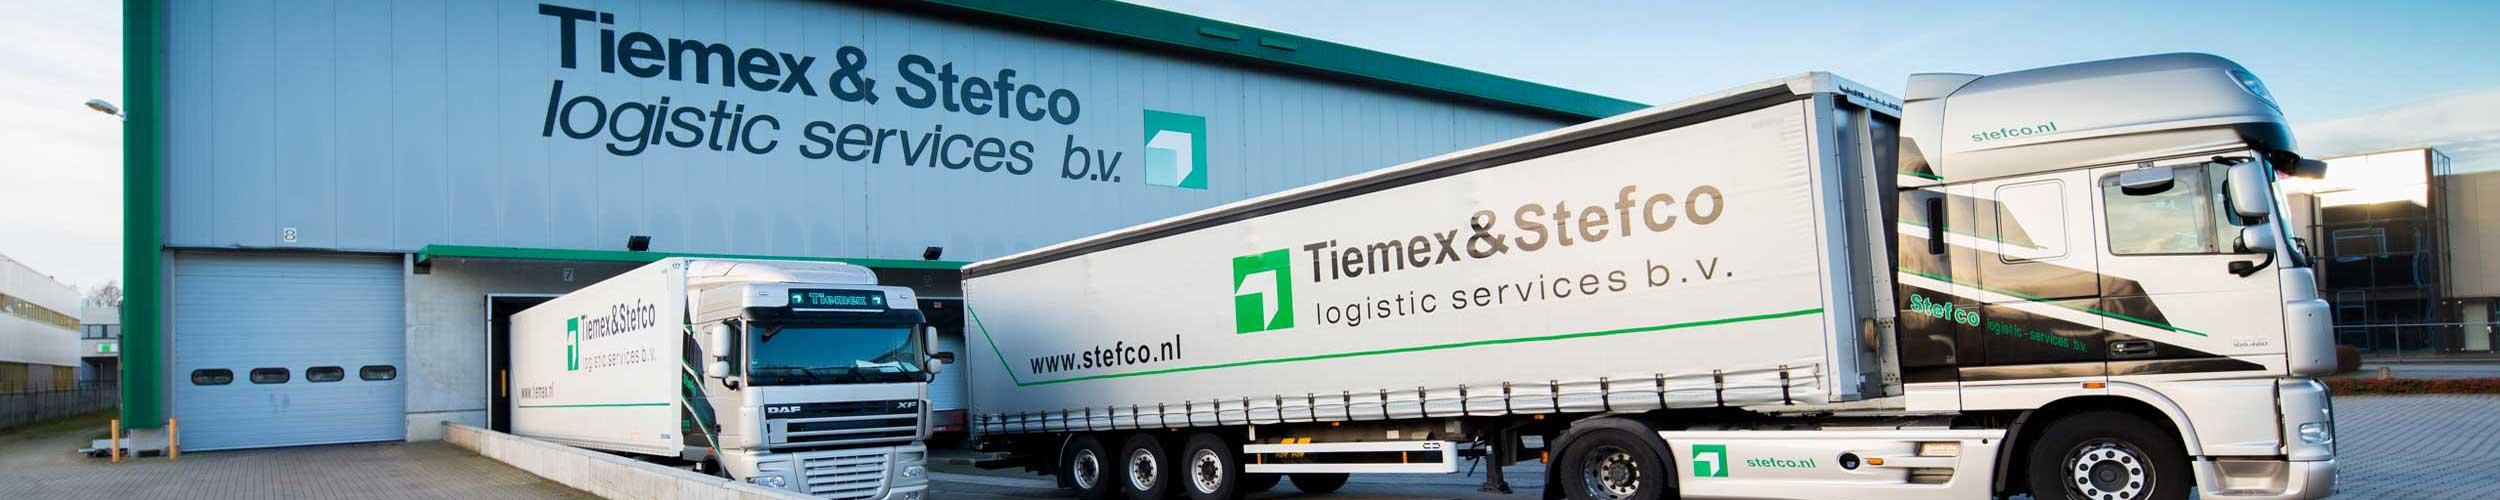 Tiemex-7-2500-500